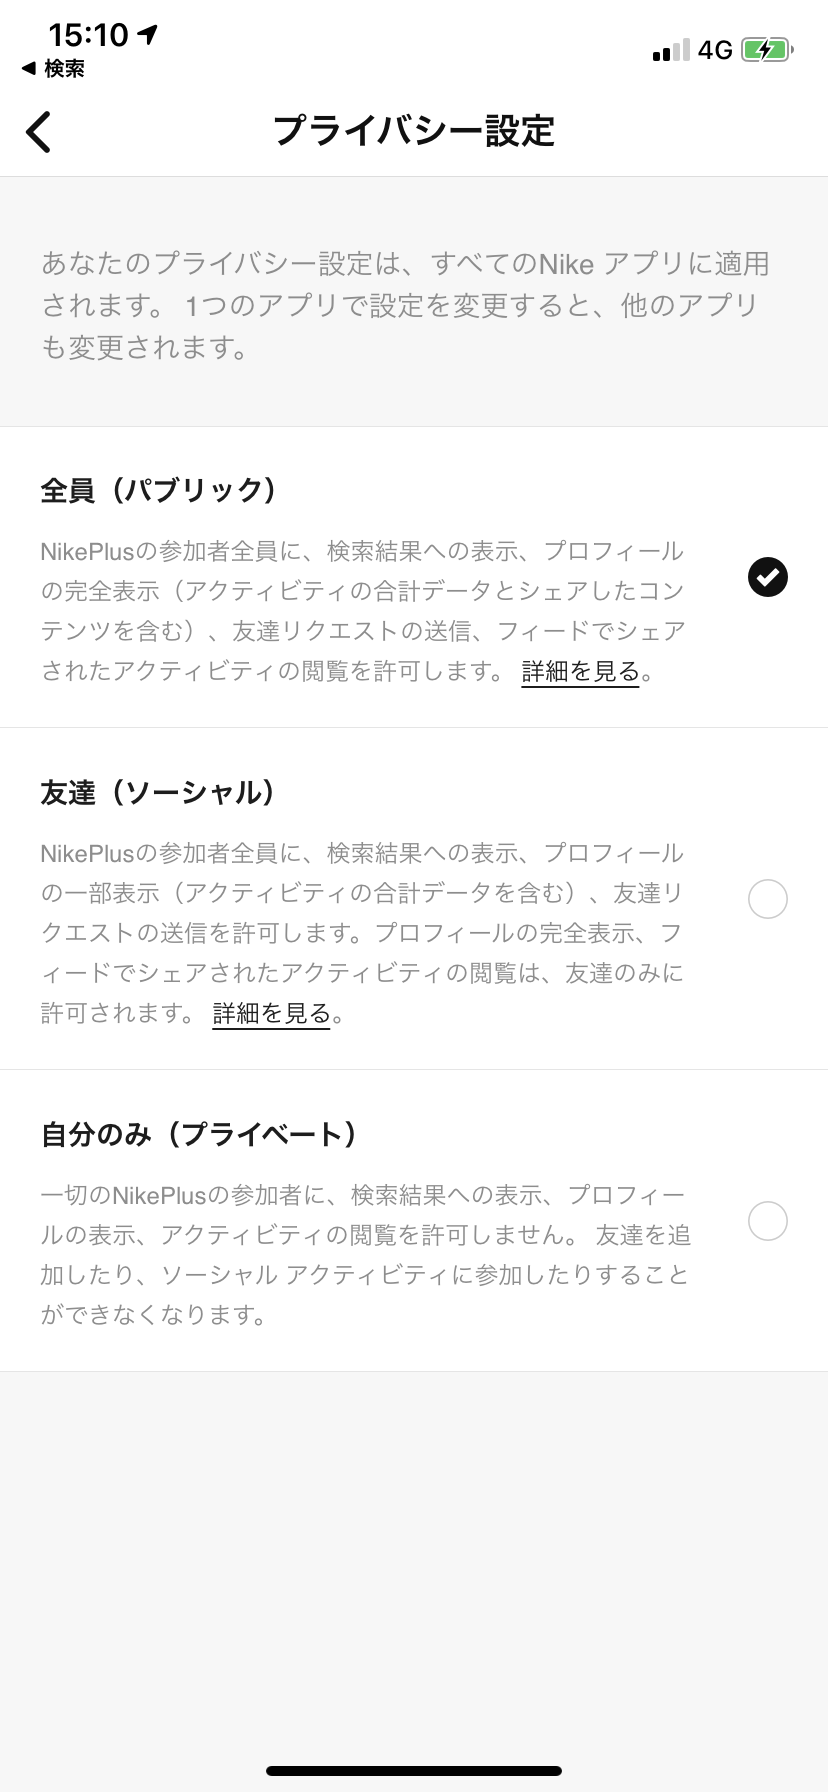 ナイキアプリプライバシー設定の画面